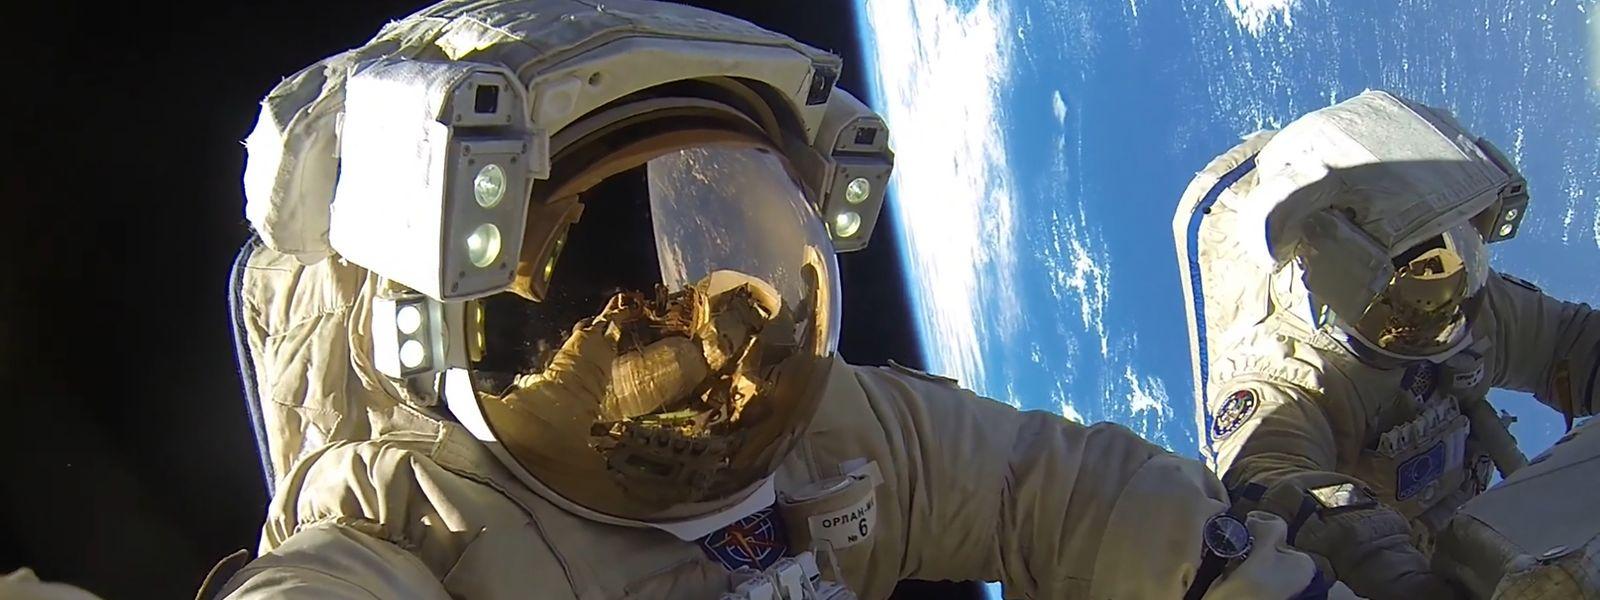 6. Februar 2018: Die Roscosmos-Kosmonauten Alexander Misurkin und Anton Shkaplerov arbeiten außerhalb der Internationalen Raumstation ISS, um eine Kommunikationsantenne zu installieren. Ihr Rekord brechender Weltraumspaziergang dauerte acht Stunden und zwölf Minuten und übertraf damit den Rekord von Dezember 2013.